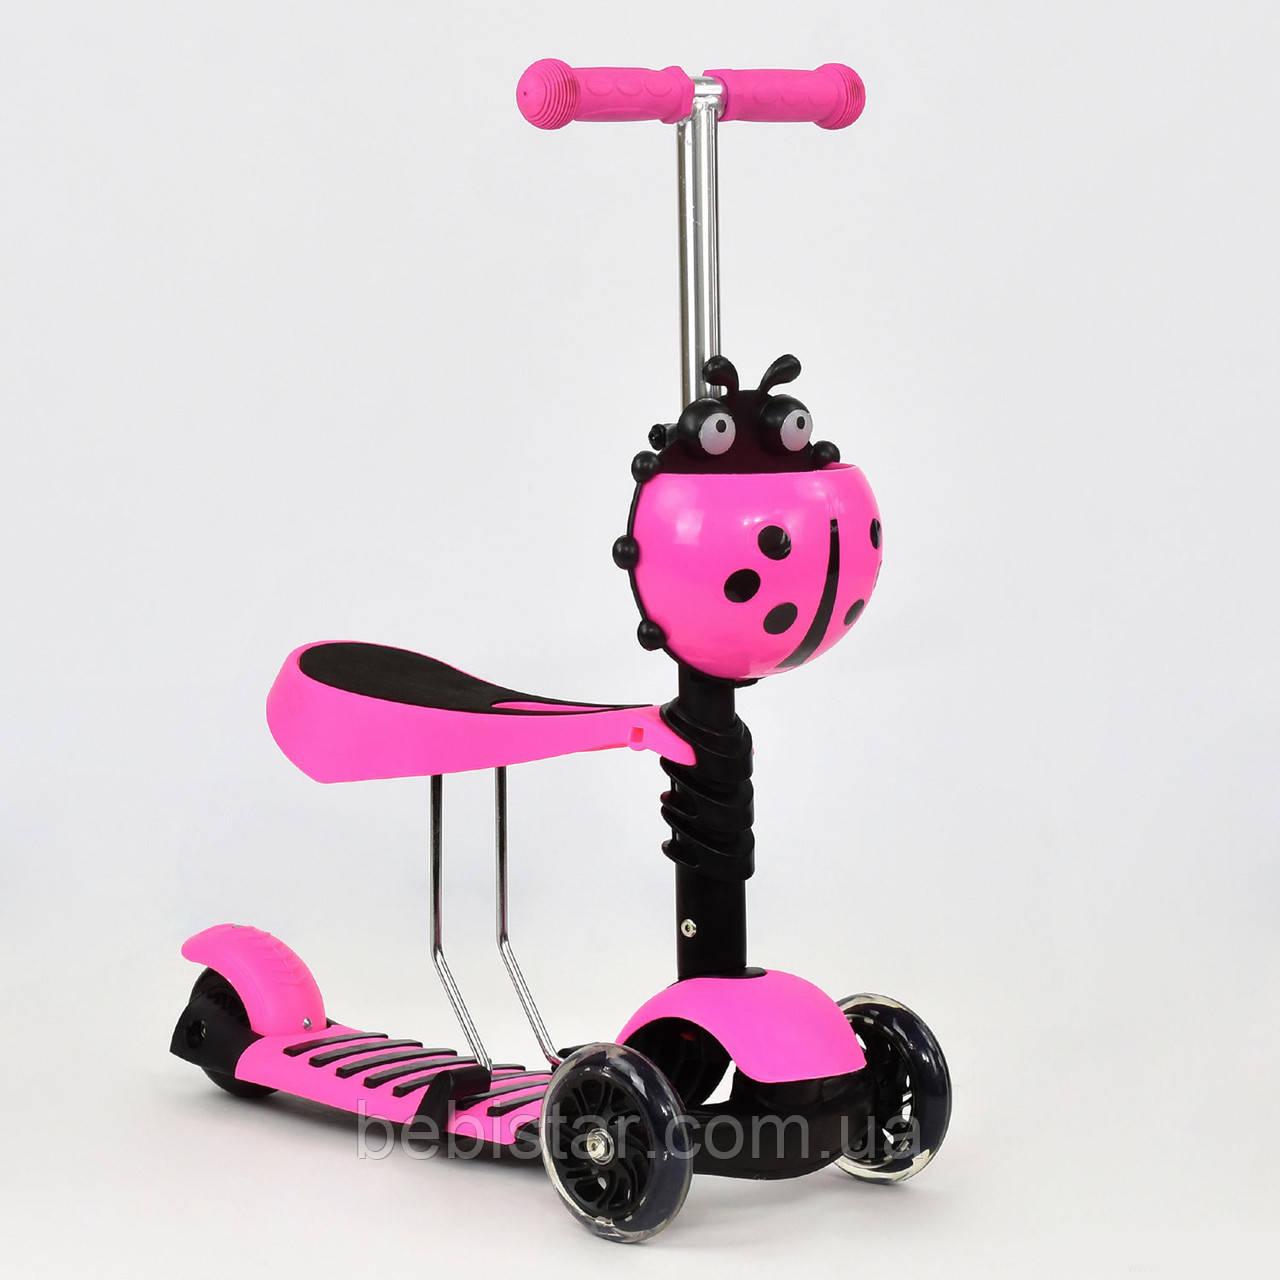 Самокат 3 в 1 сидение и светящимися колесами розовый для малышей от 1 года